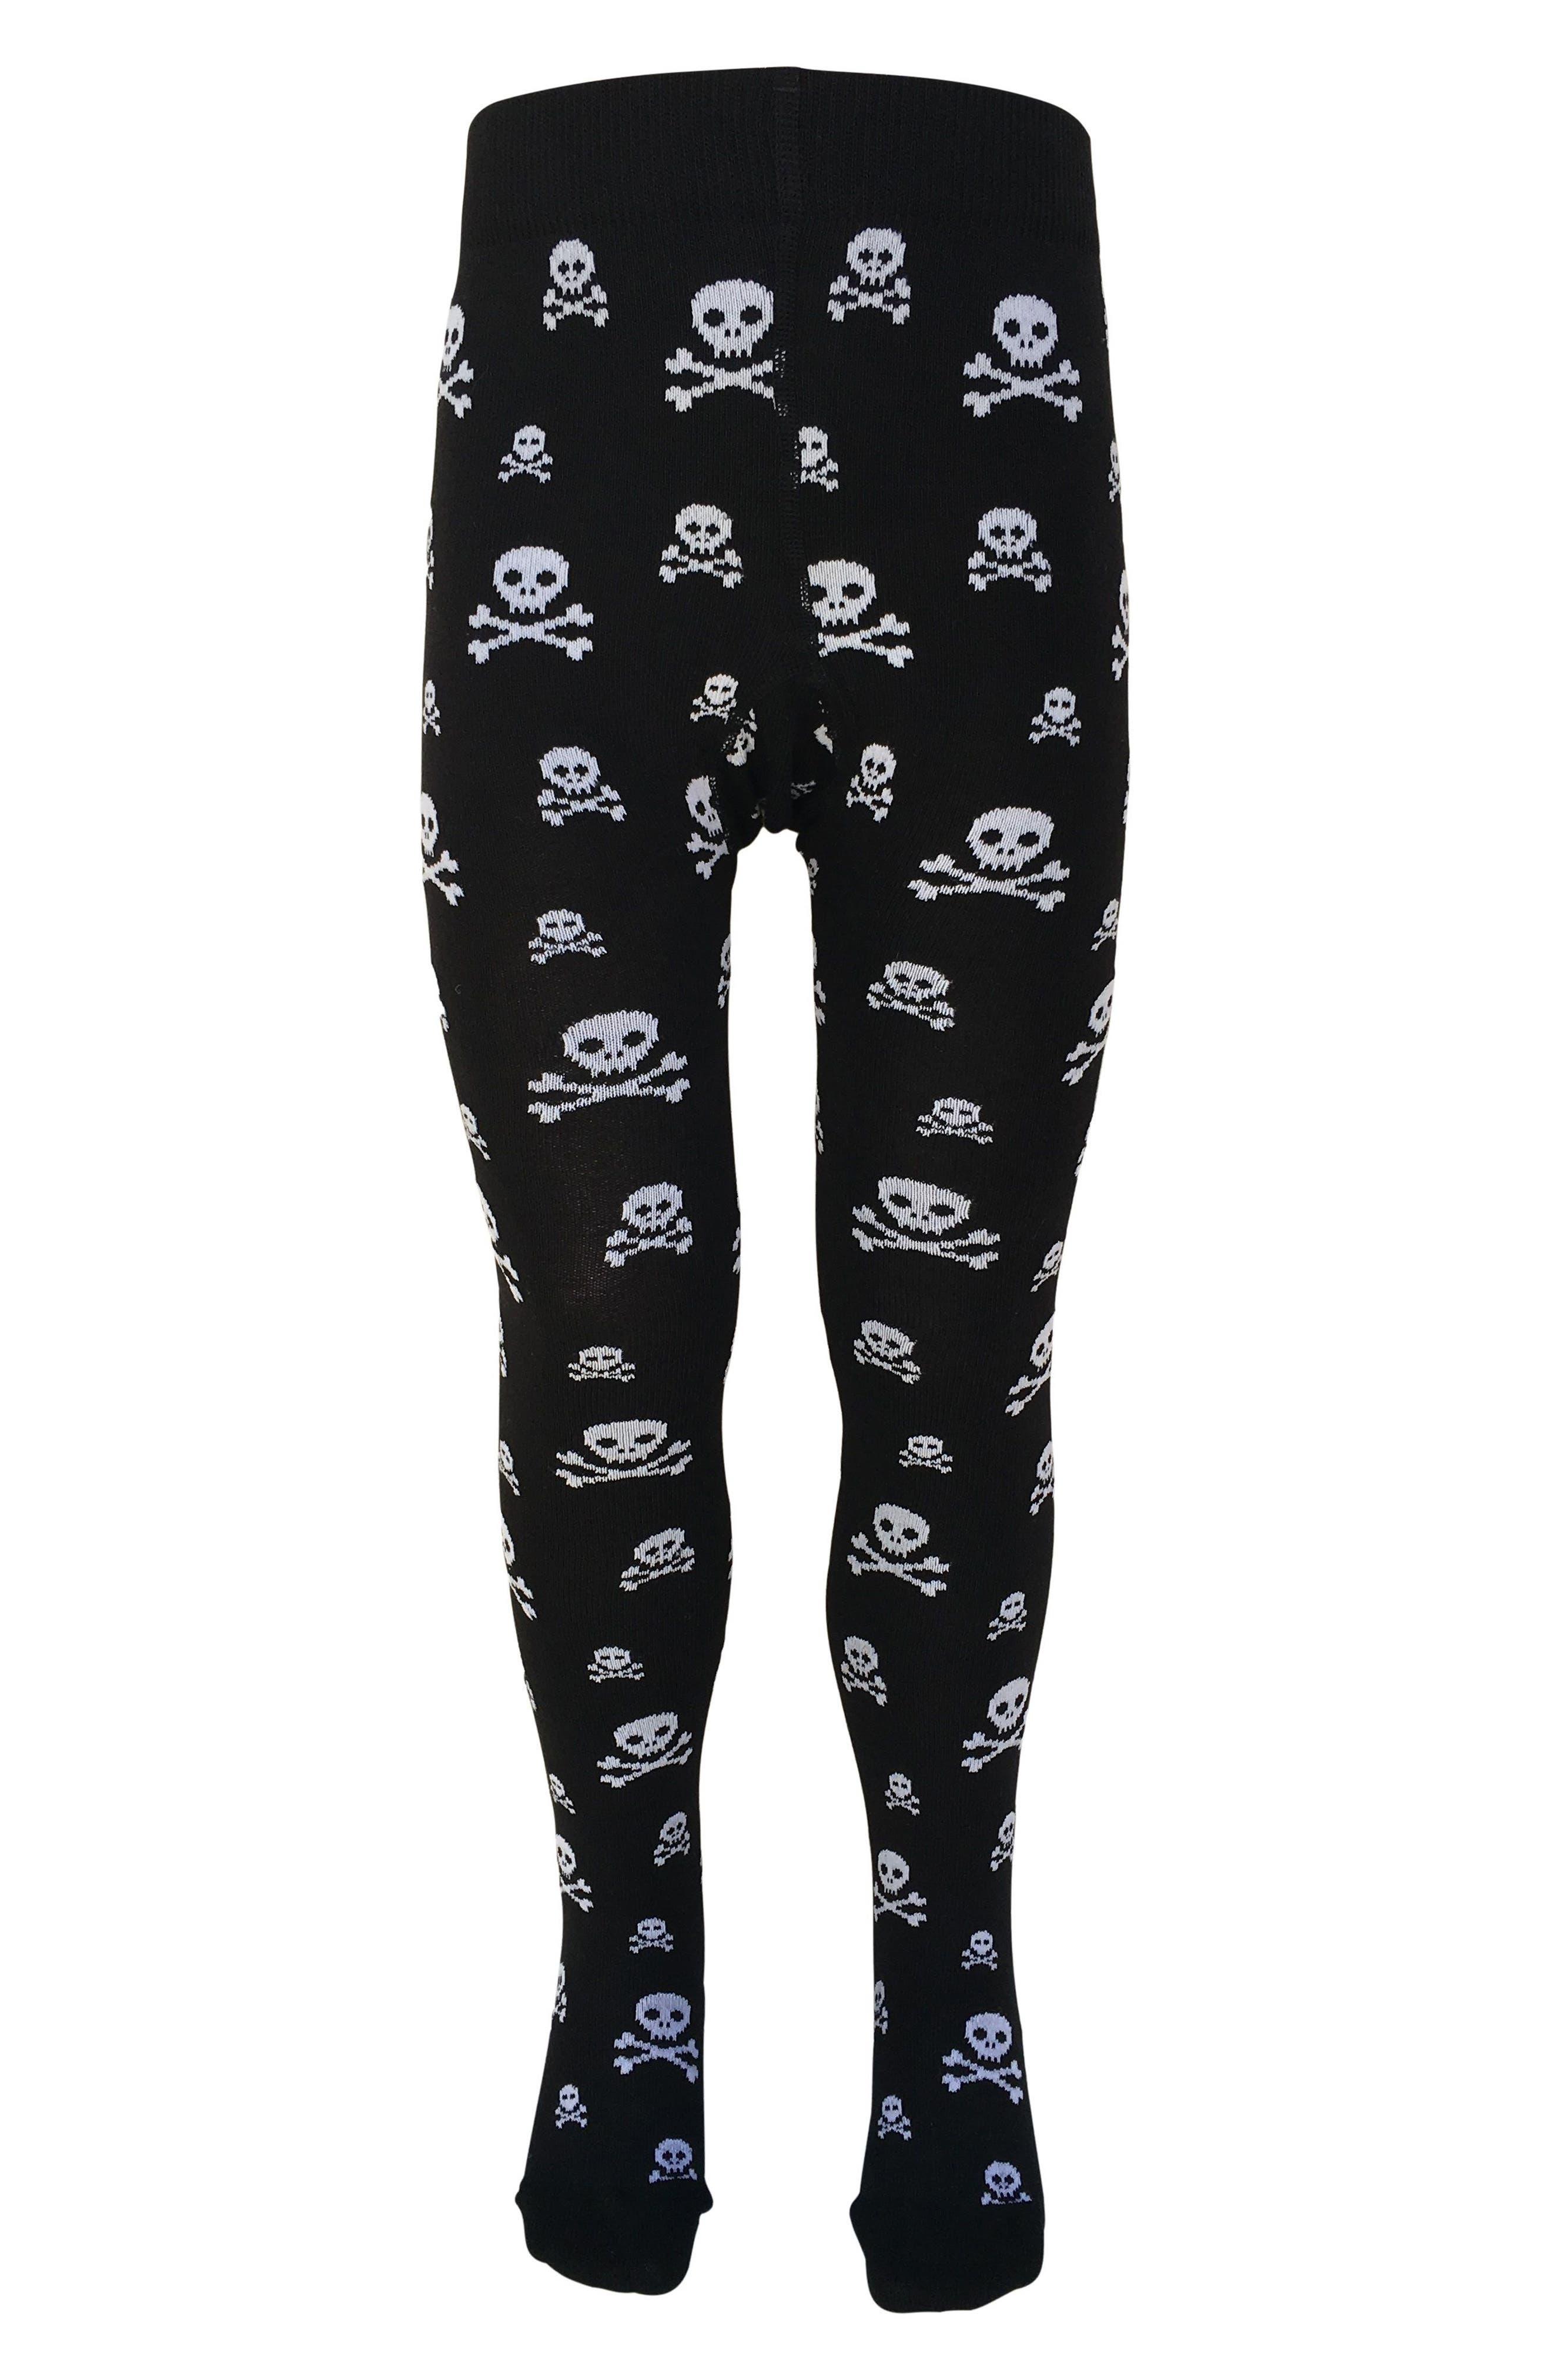 Skull Tights,                         Main,                         color, Black